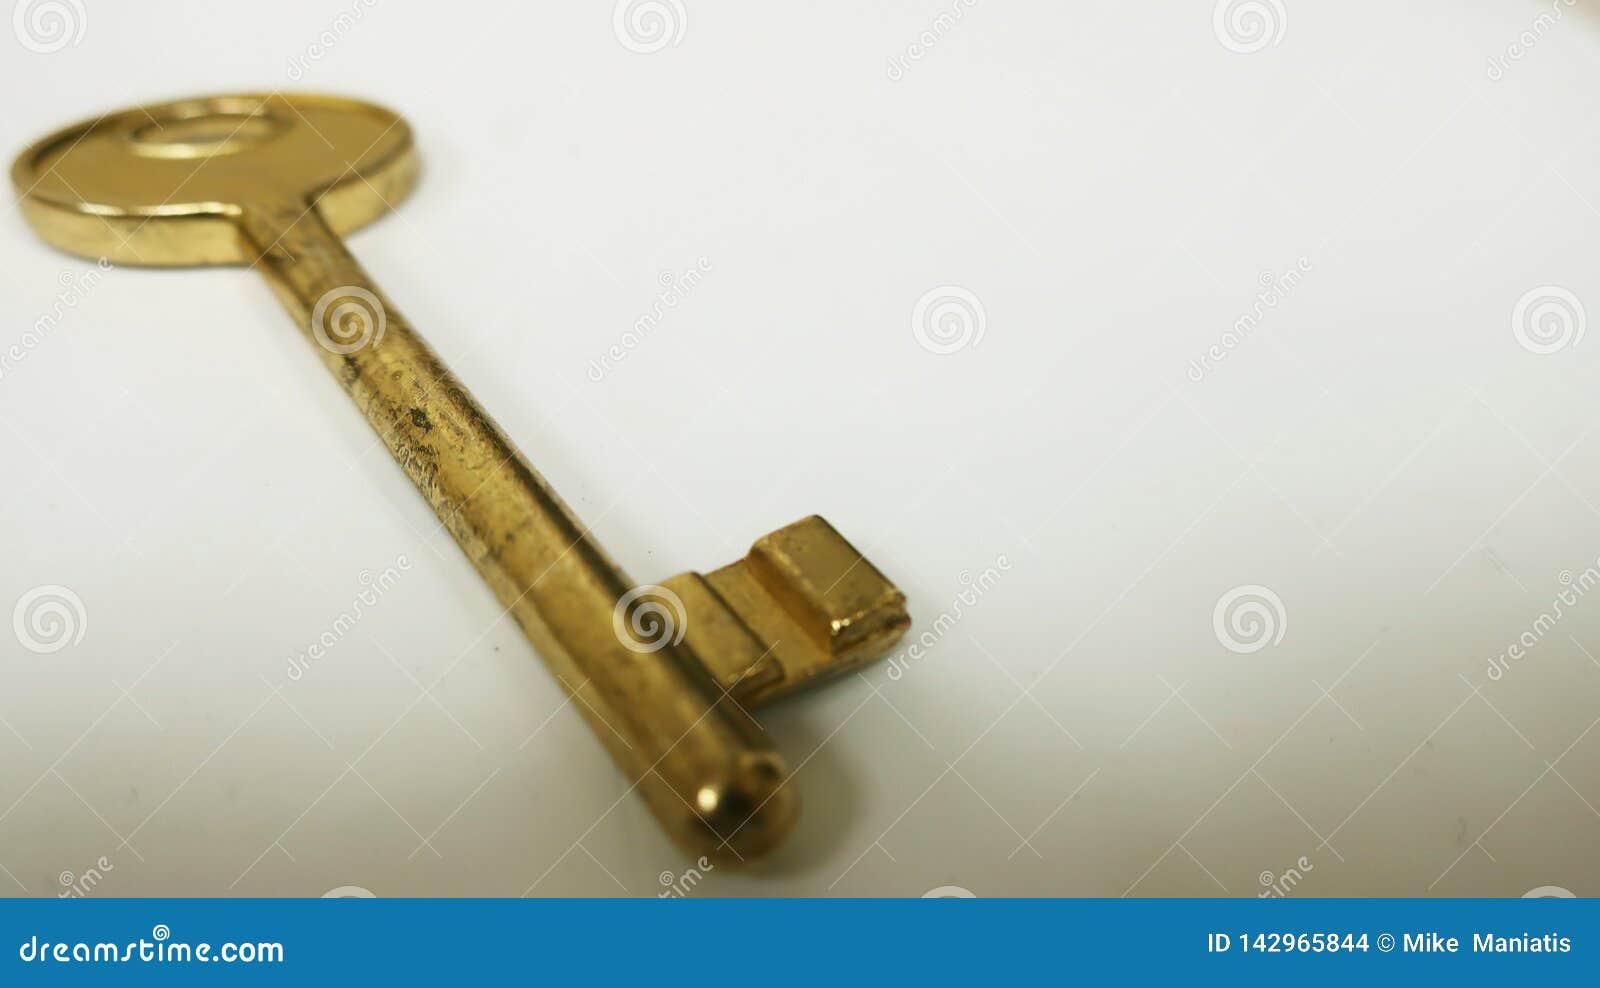 Vintage Big Gold key